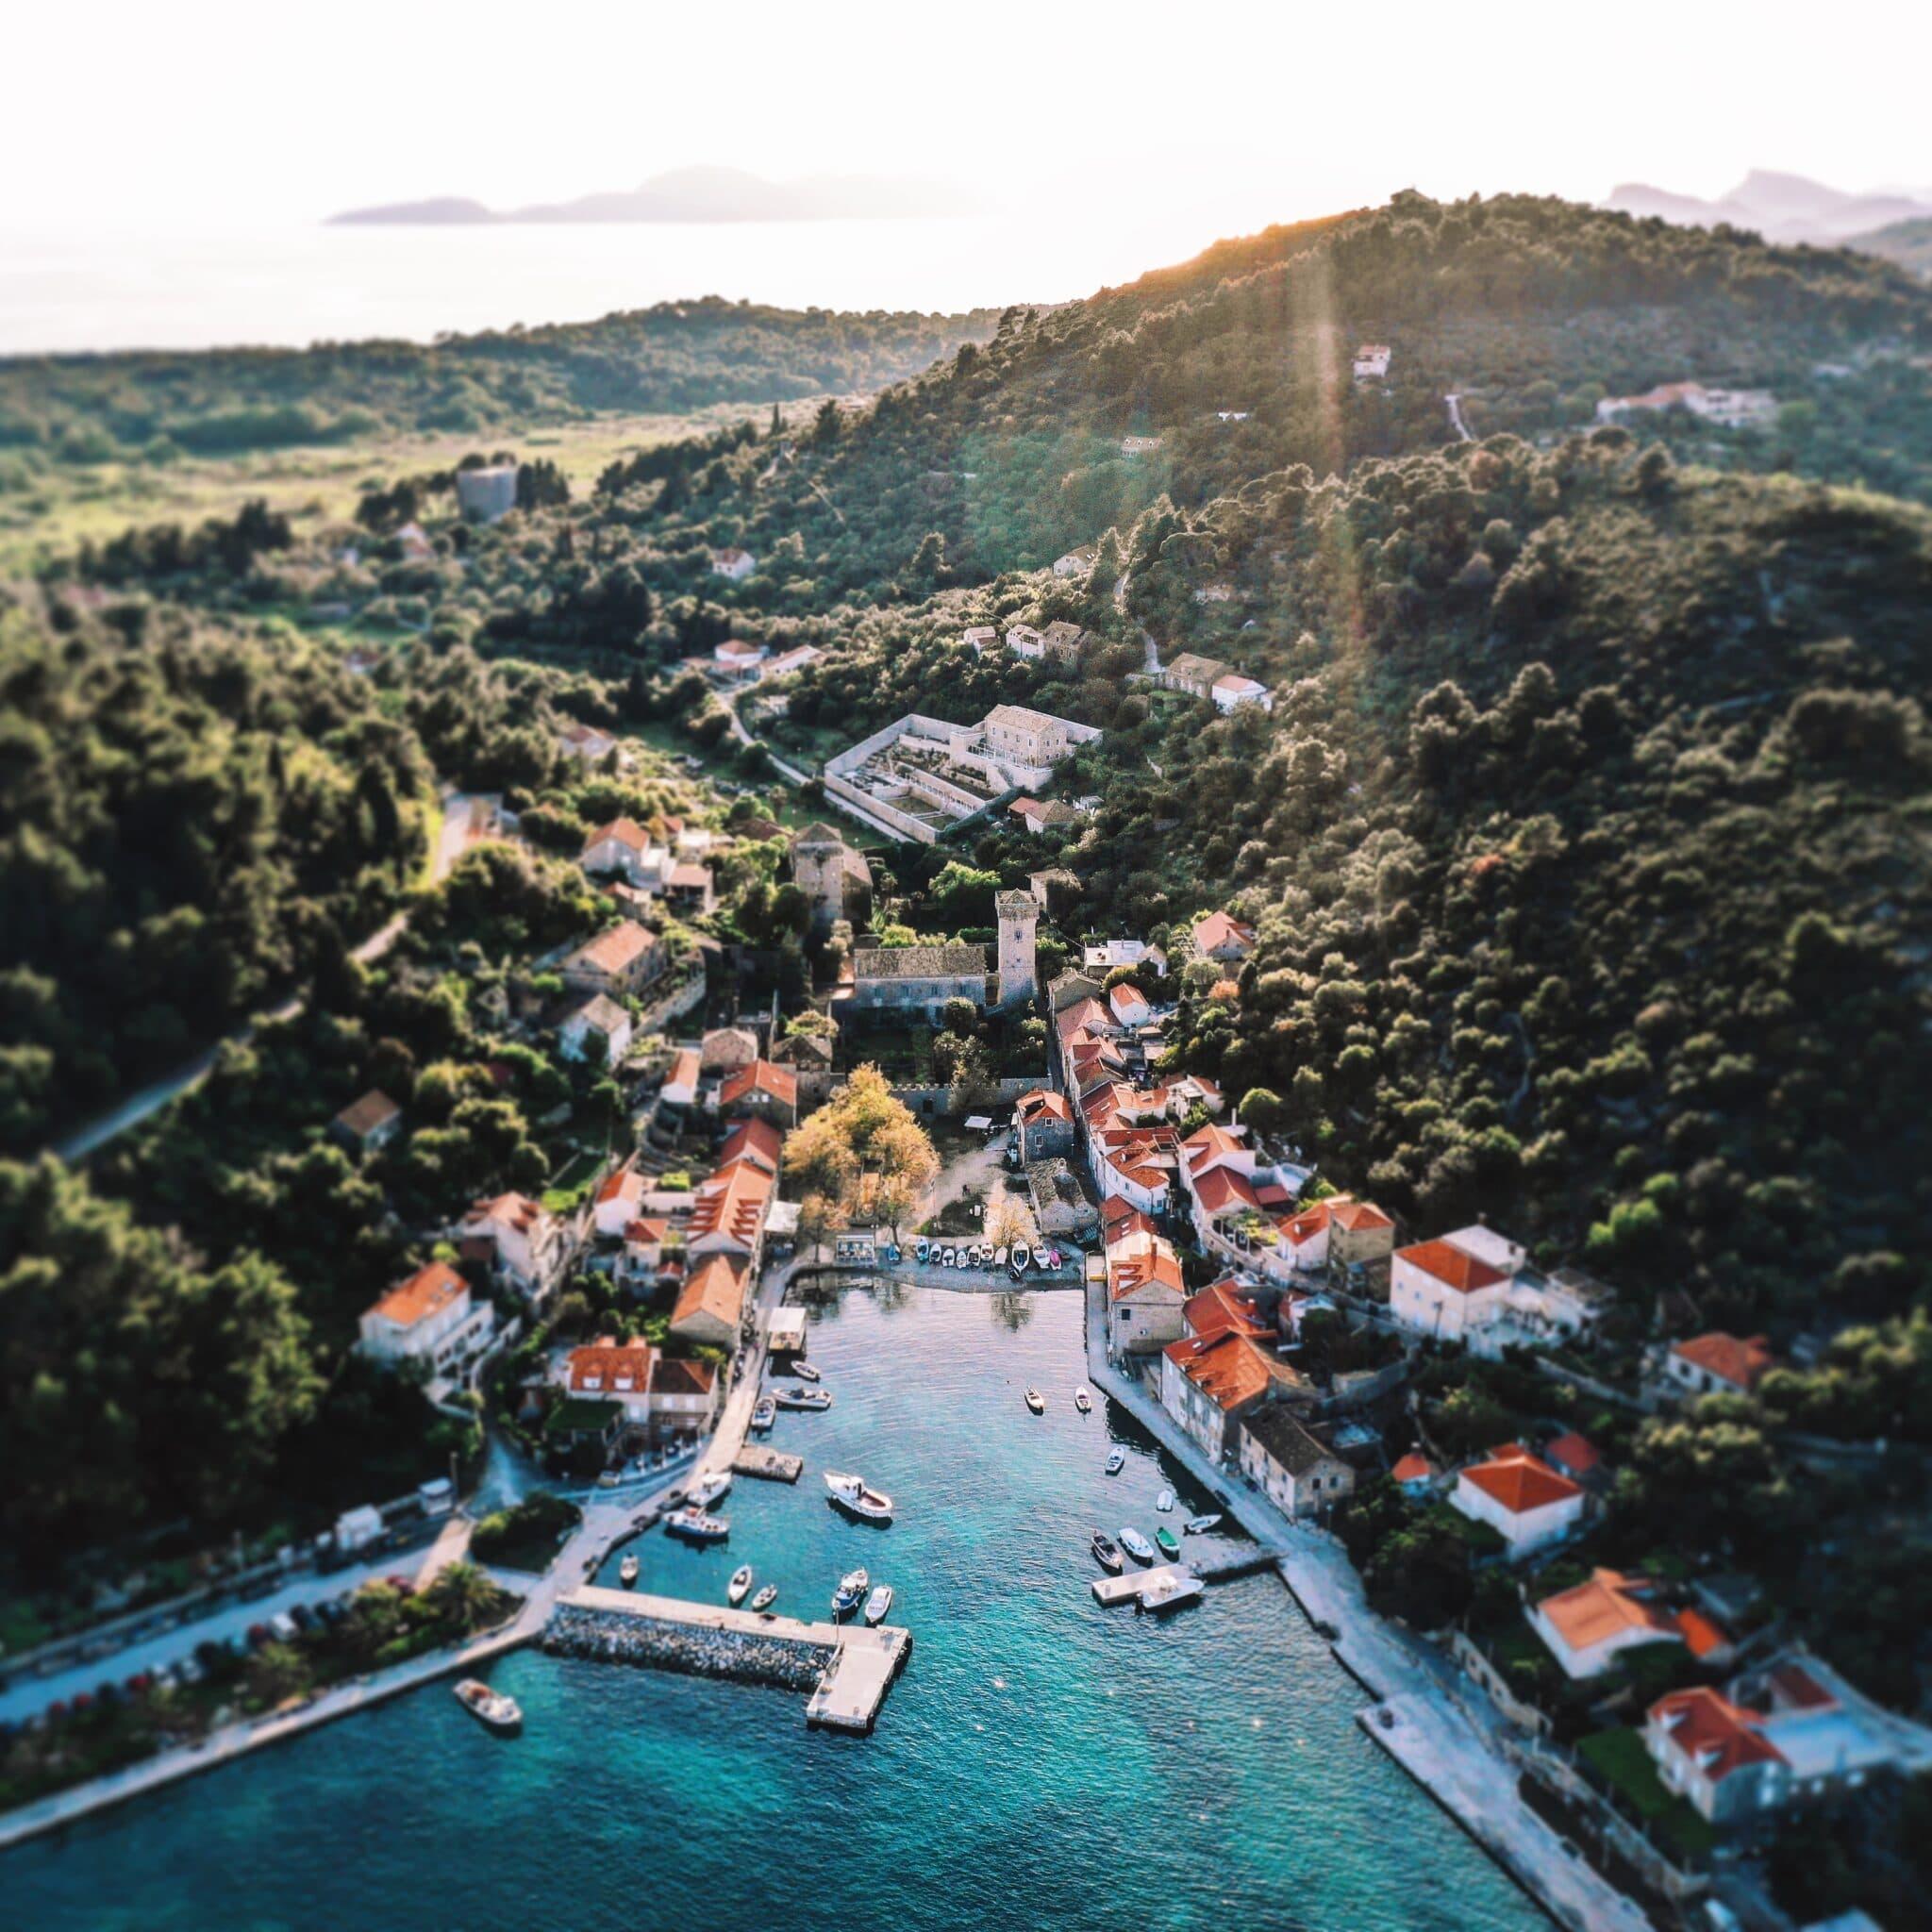 Kroatien-Bosnien-Bookingcom-5000 - 3DE36DD4-3697-4E48-AD1A-BC86B3ECDCBE.jpg